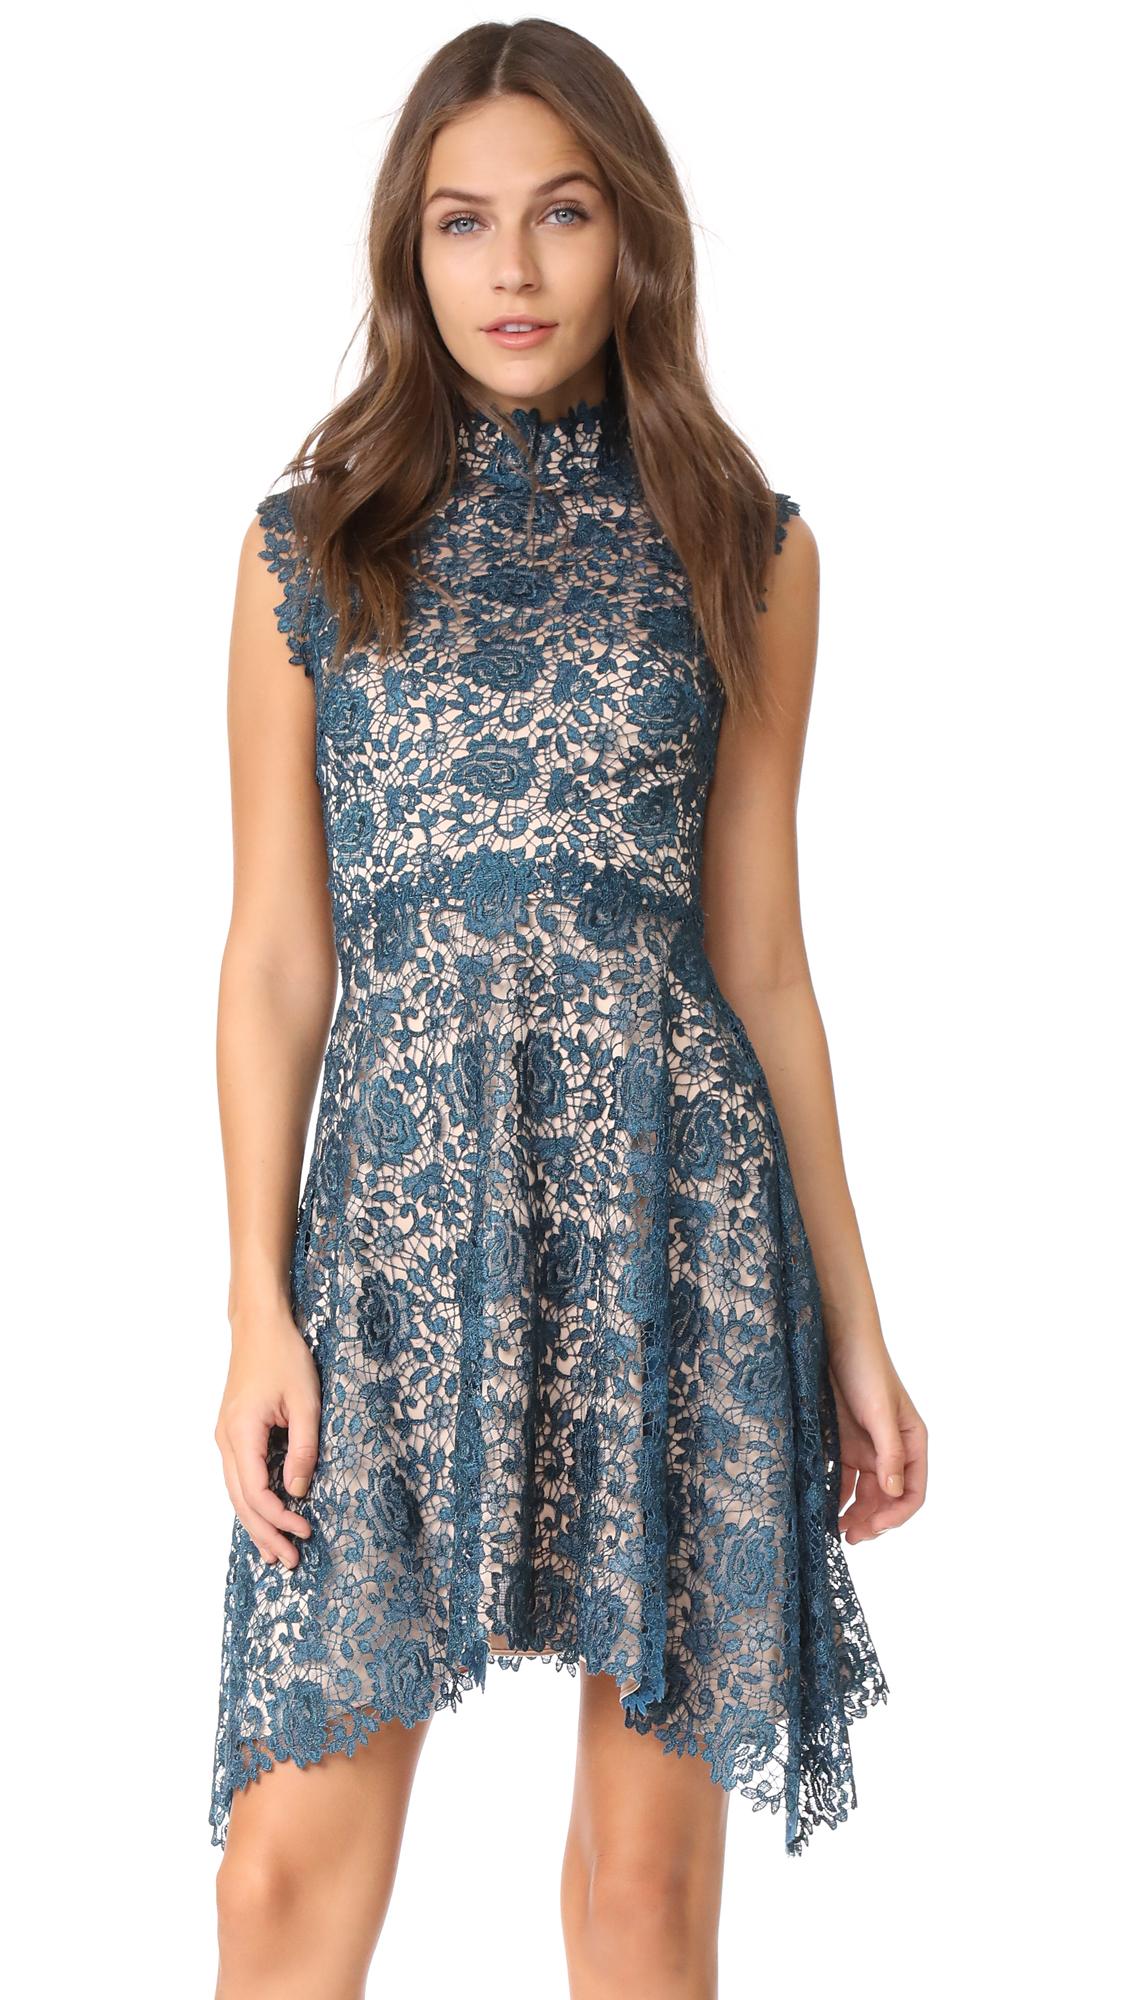 Catherine Deane Izzy Dress